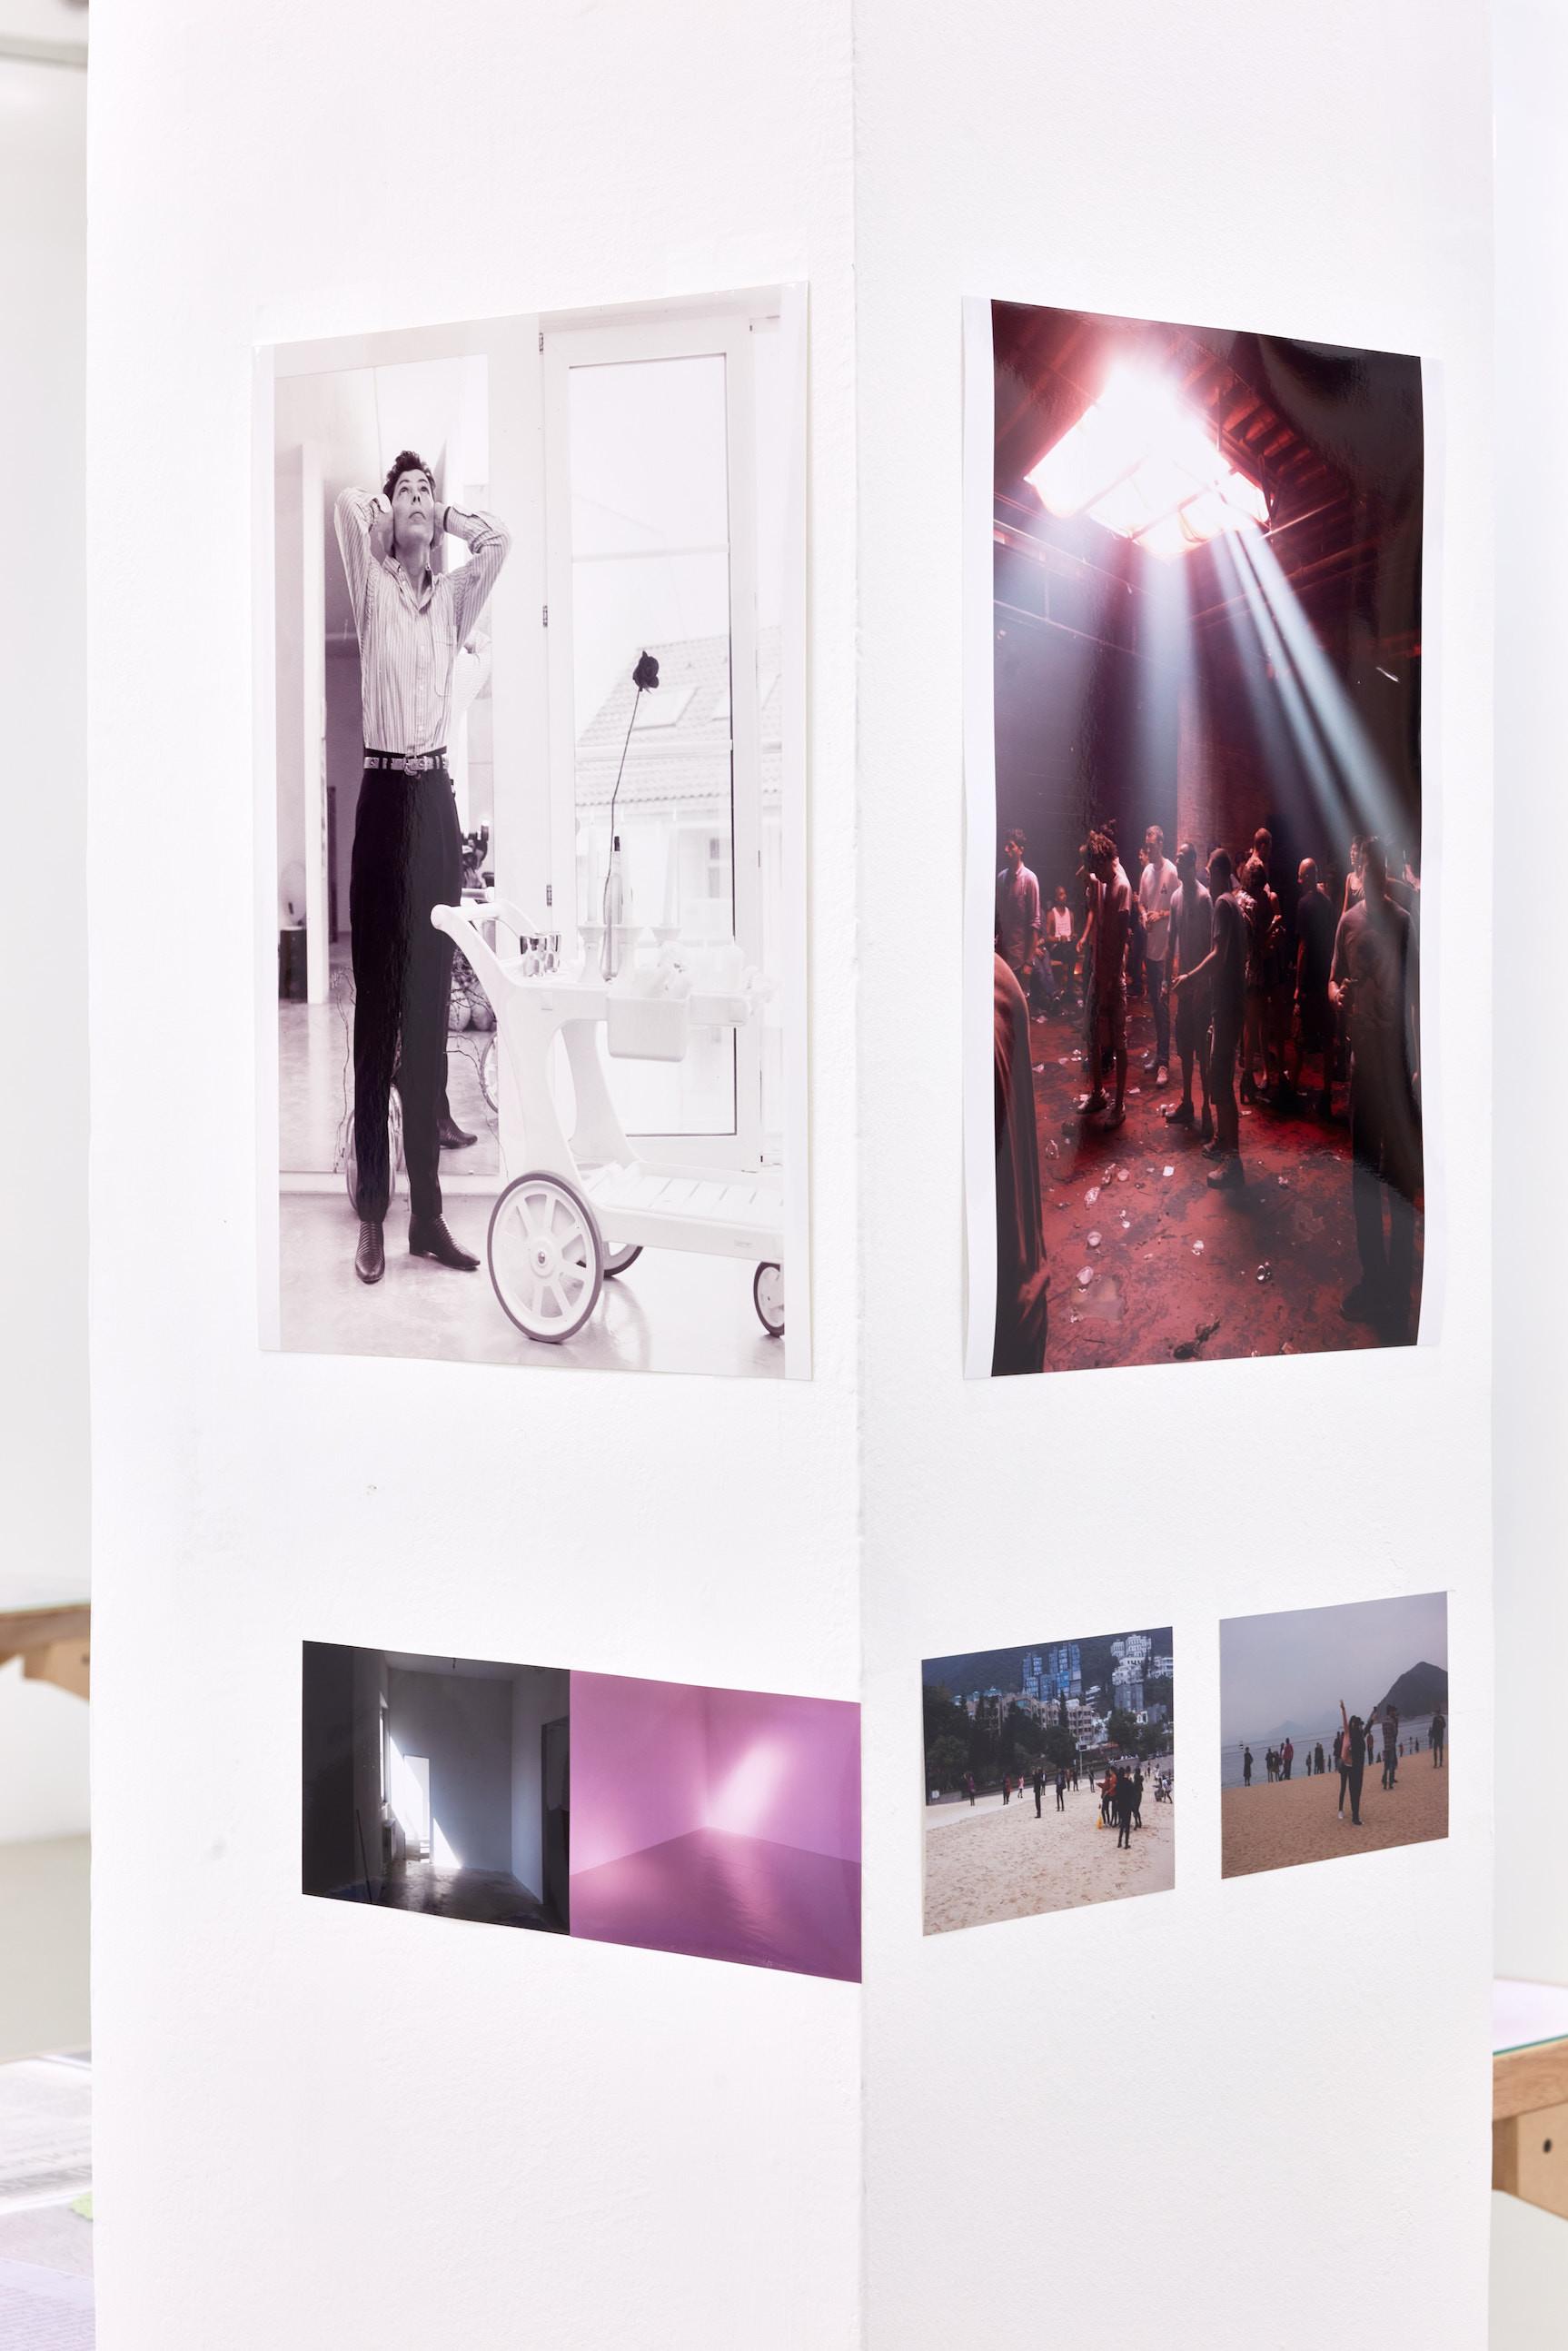 Wolfgang Tillmans: A te tested a tiéd . Kiállítási látkép, Trafó Galéria, 2021. Balra: Isa Genzken, 1993. Right: Resolute Rave, 2015. Fotó: Biró Dávid